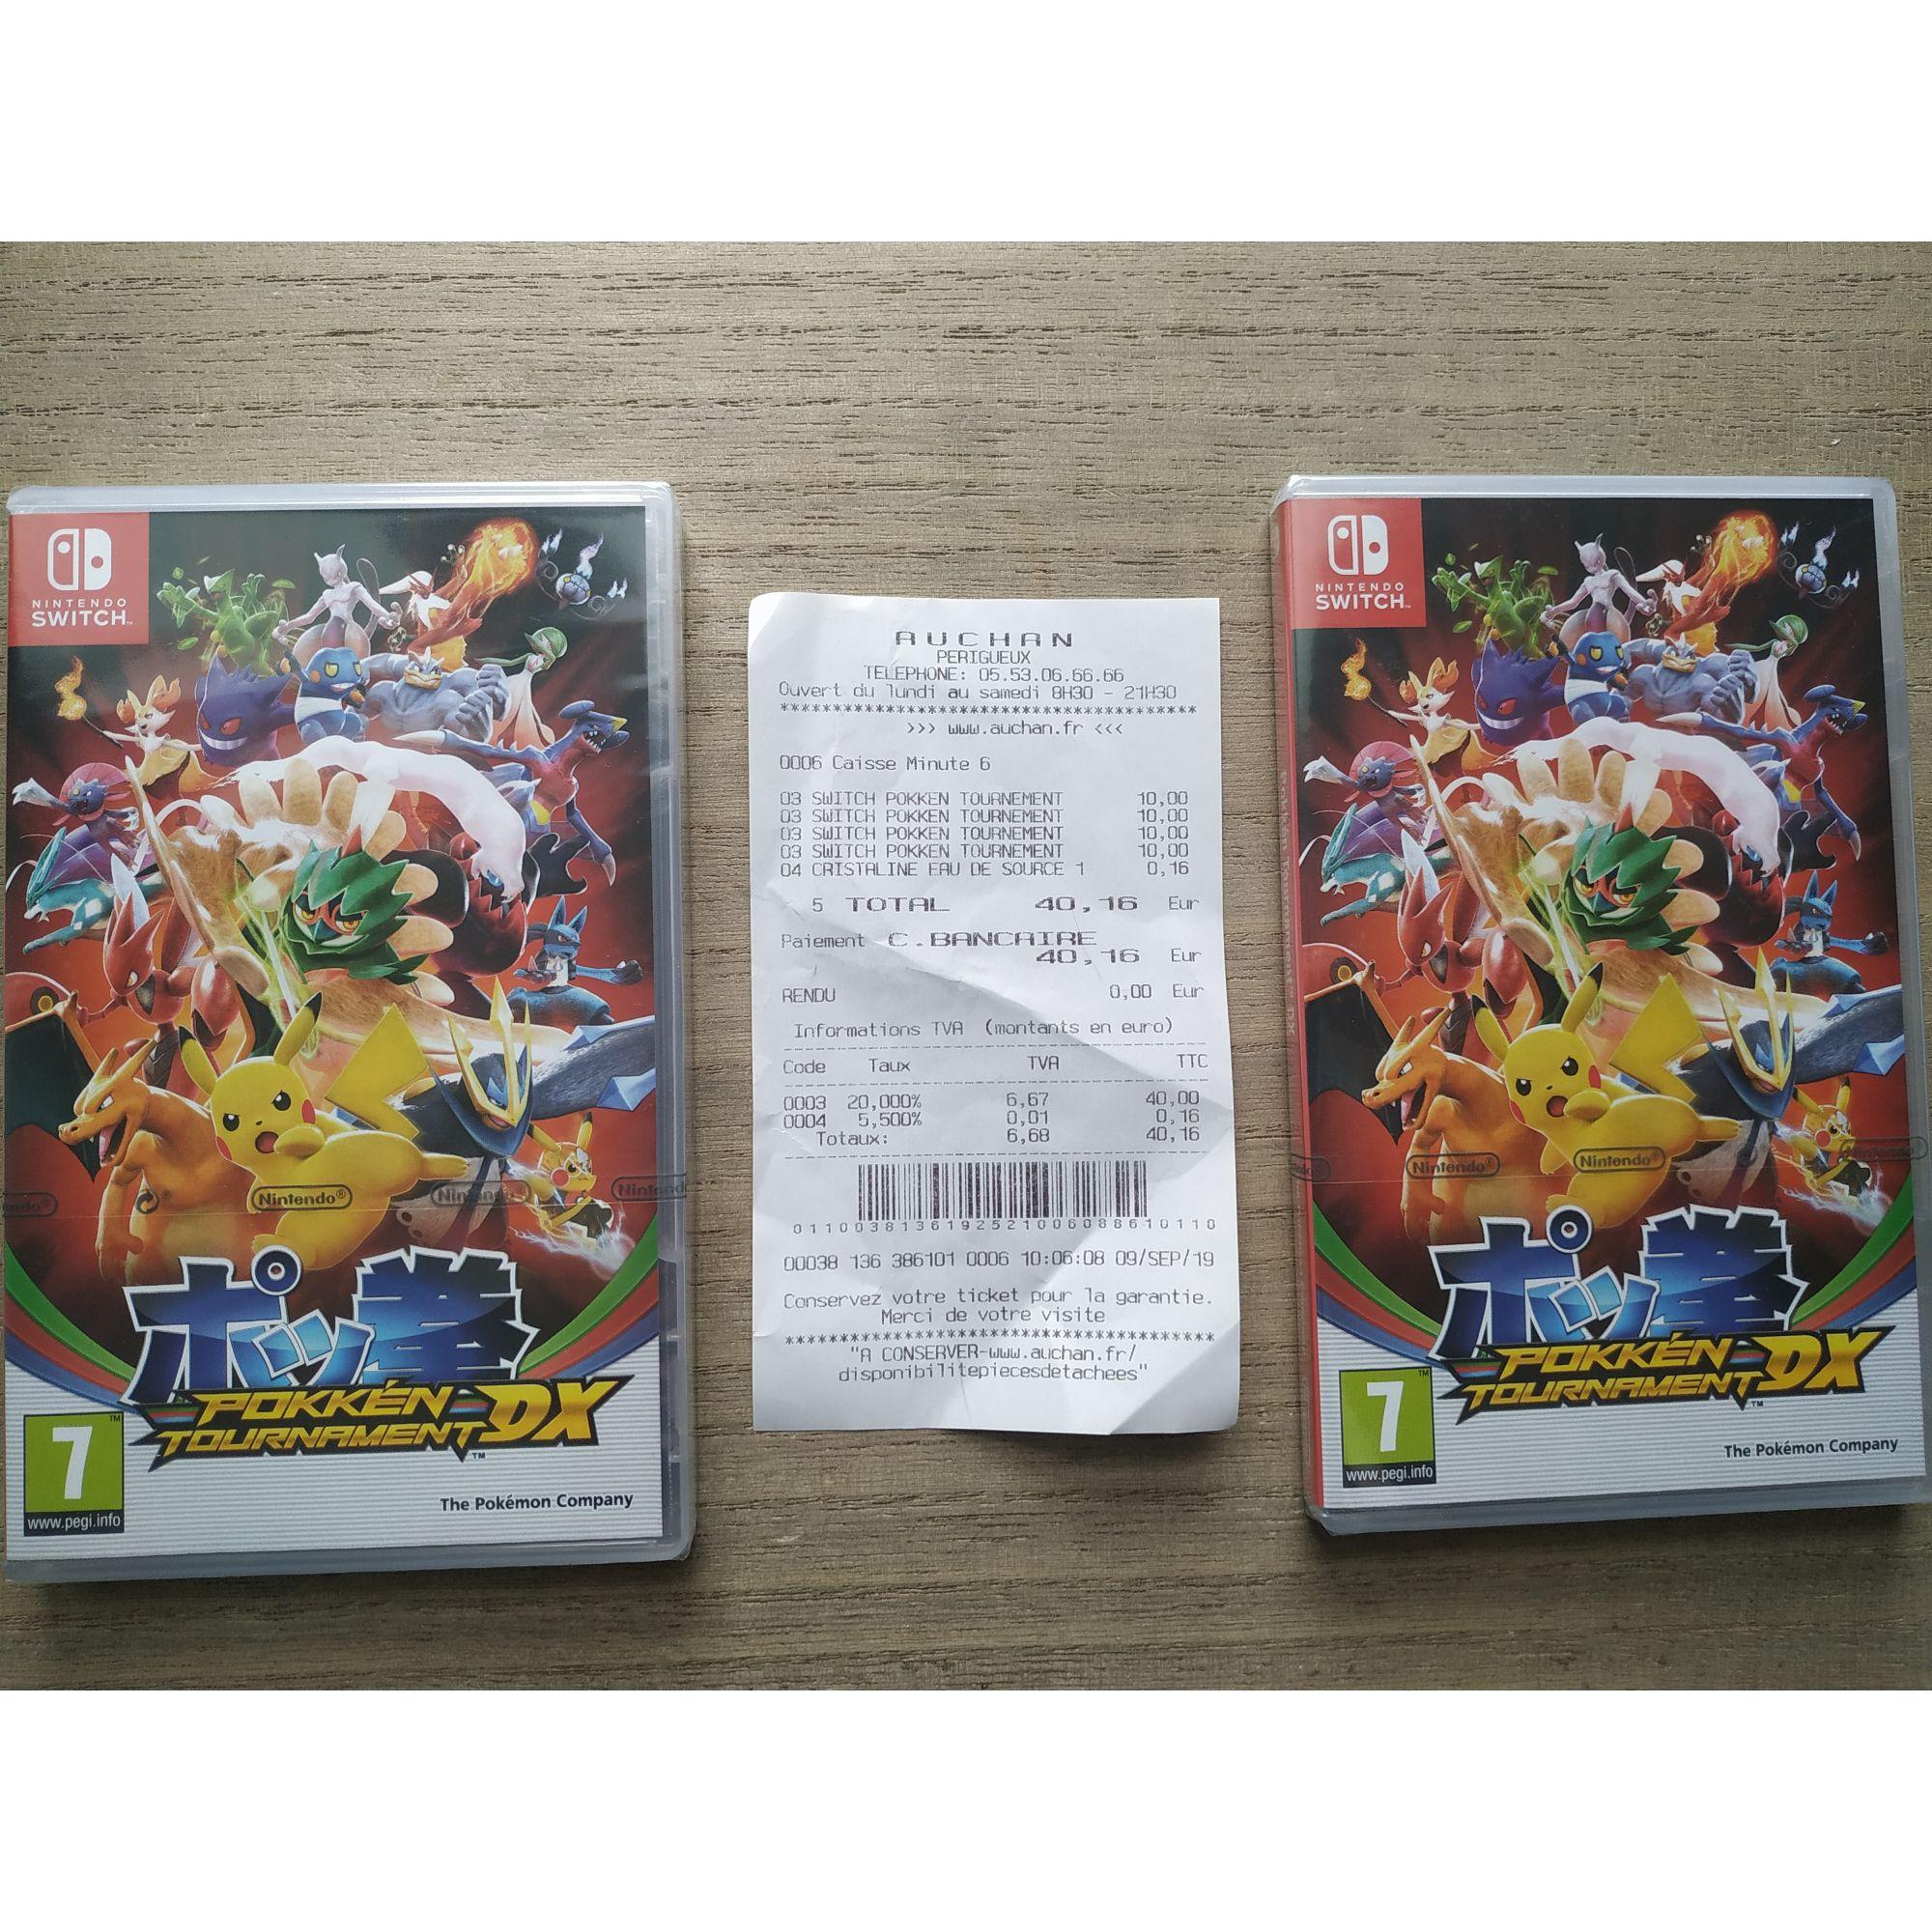 Jeu Pokken Tournament DX sur Nintendo Switch - Marsac-sur-l'Isle (24)